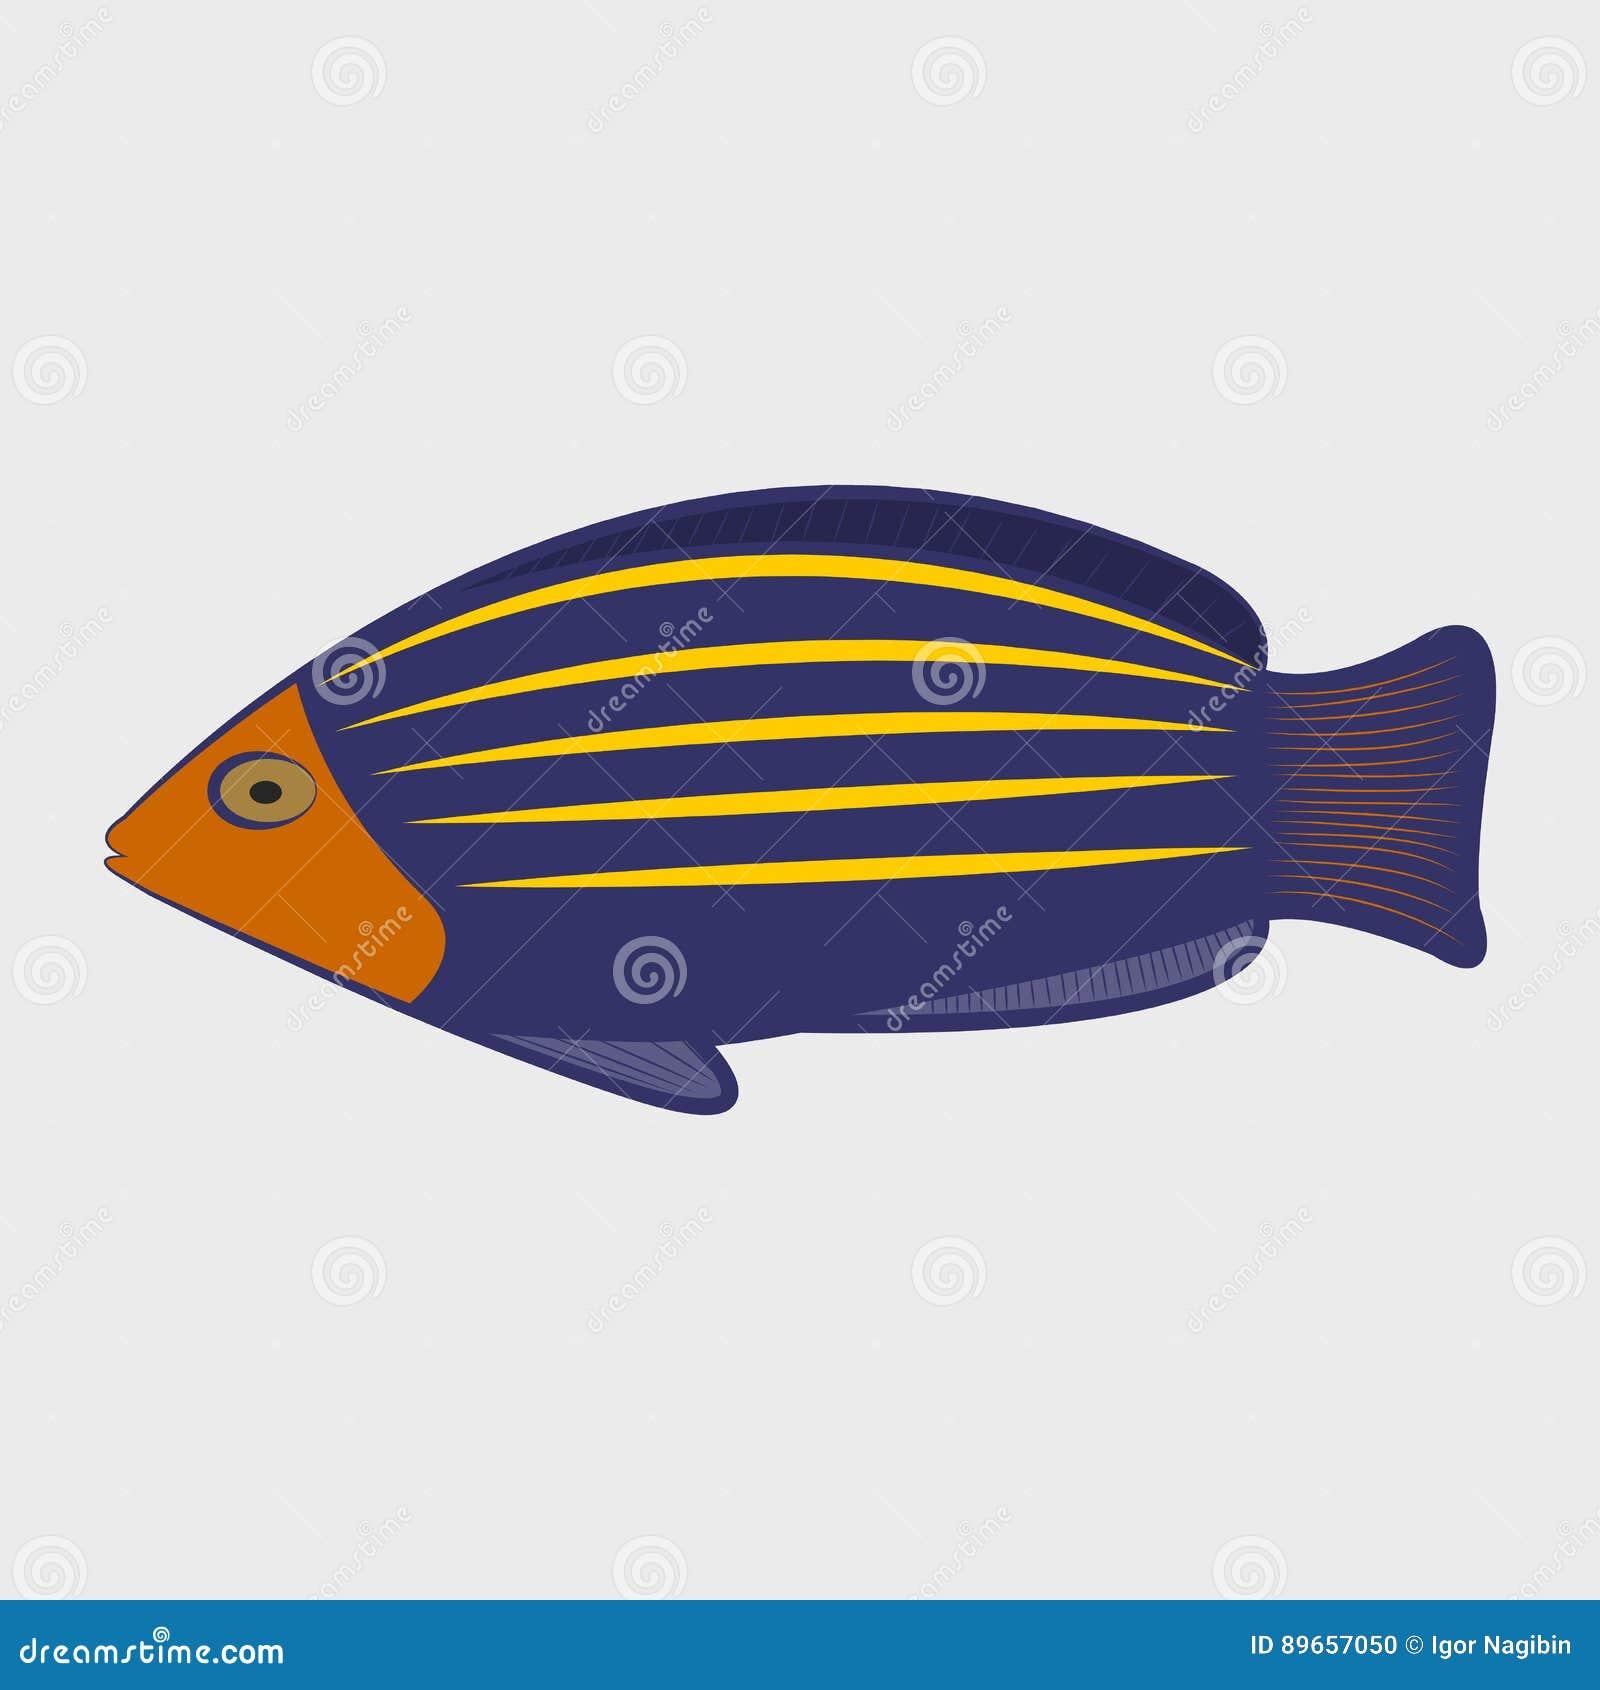 icon reef fish stock vector illustration of aquarium